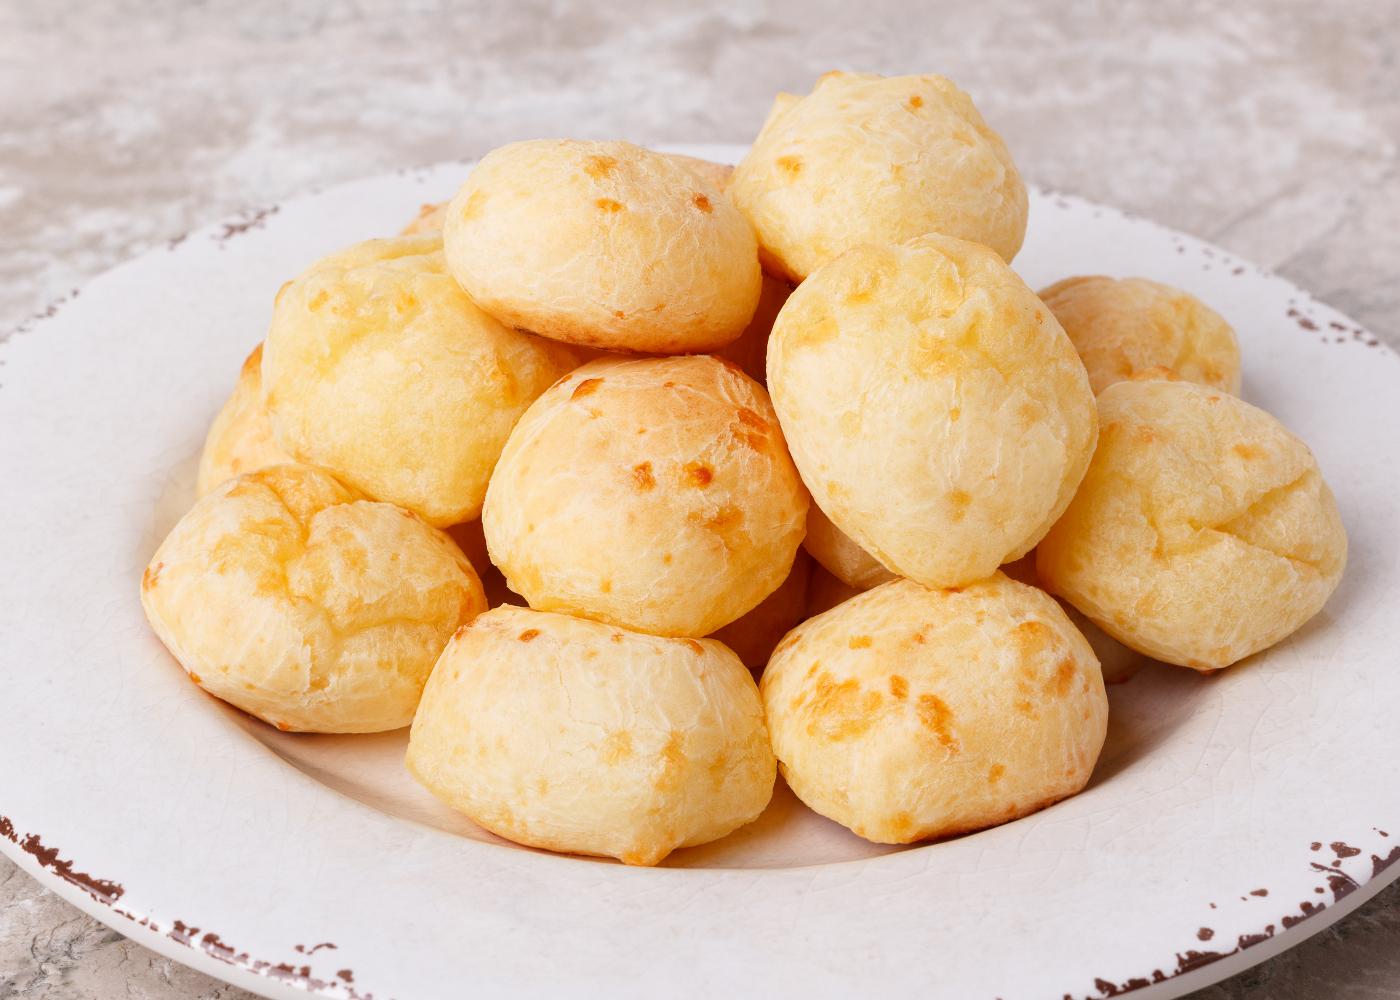 pão de queijo da serra da canastra